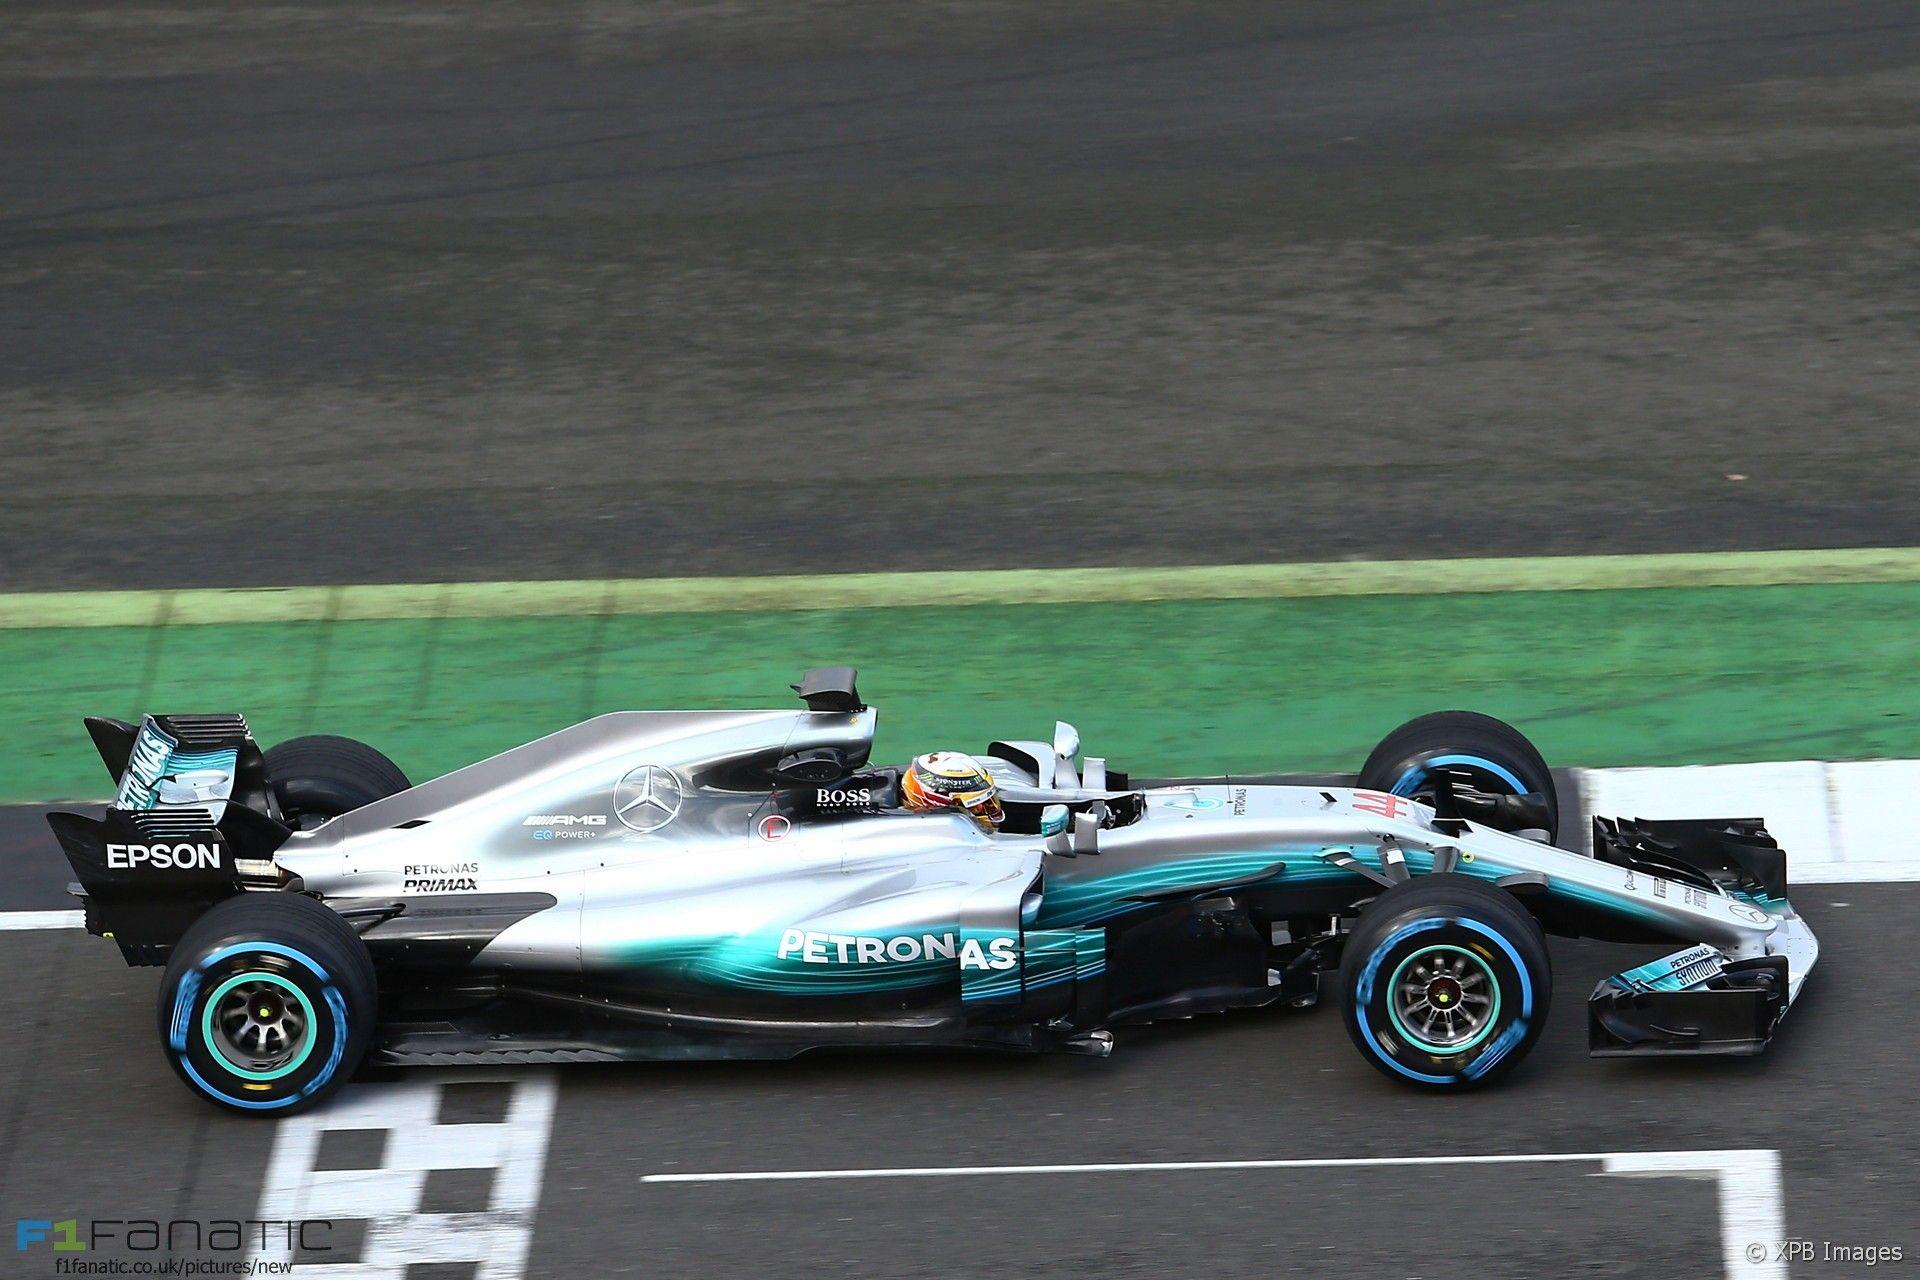 Circuito De Silverstone : Mercedes inova e apresenta carro de 2017 em vídeo 360° e quase sem